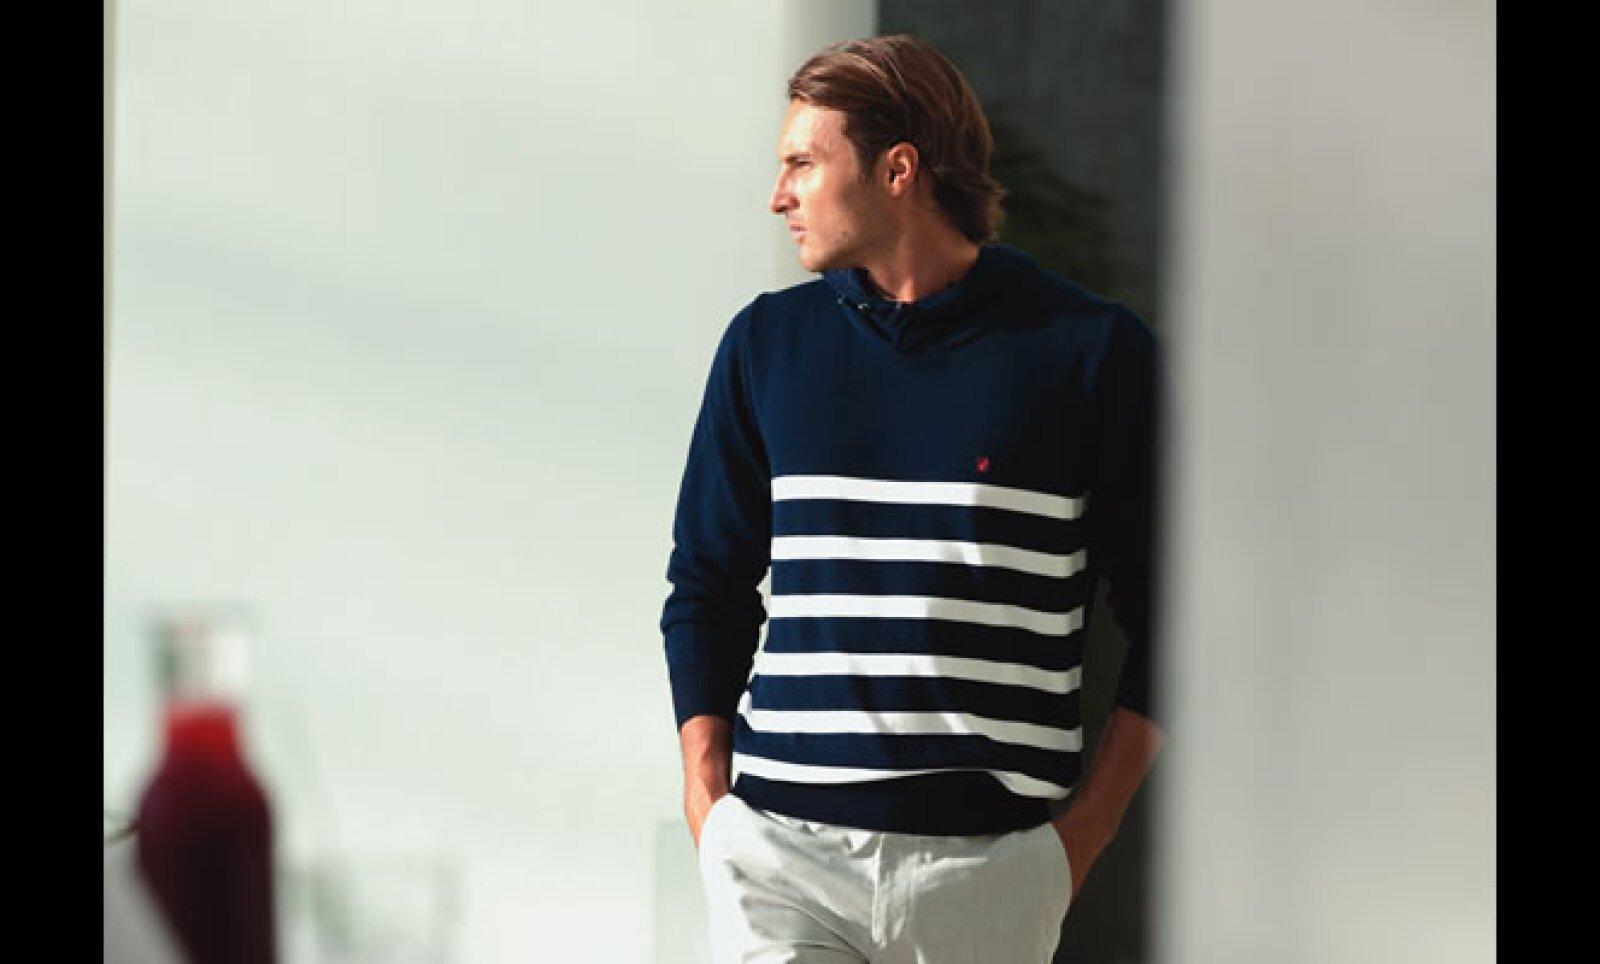 Suéter y pantalón de algodón con tenis lisos permiten sentirse fresco en cualquier ambiente.